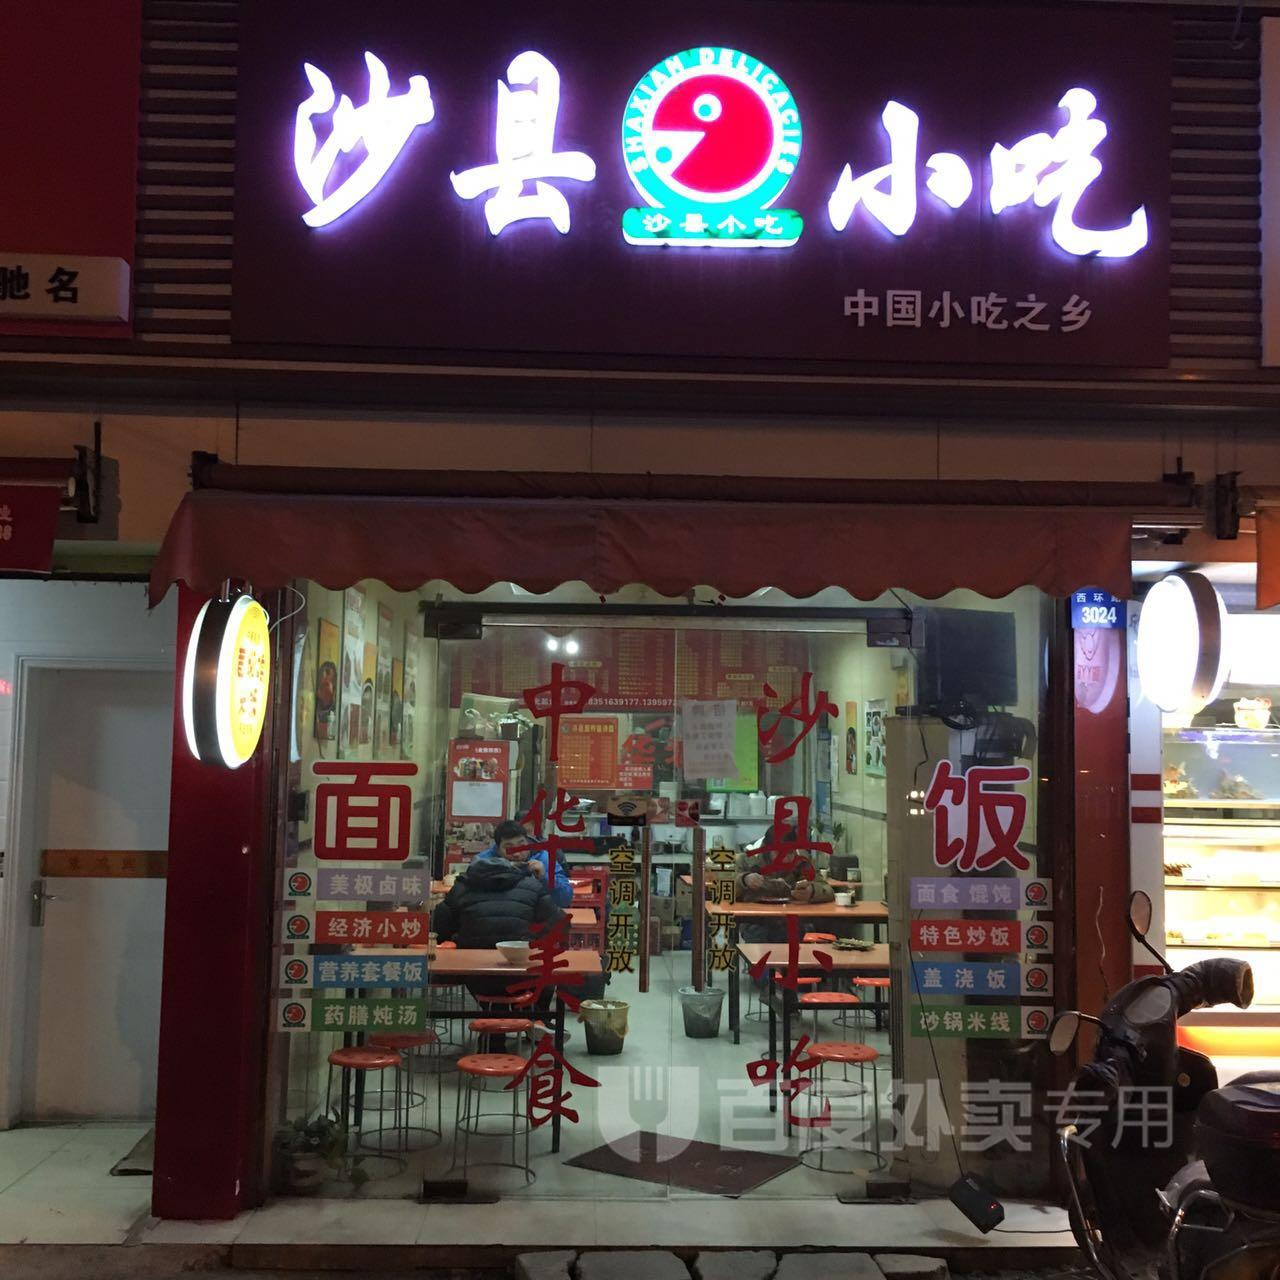 消费提示   沙县小吃(新庄新村店)  *本团单由【百度外卖】提供,请